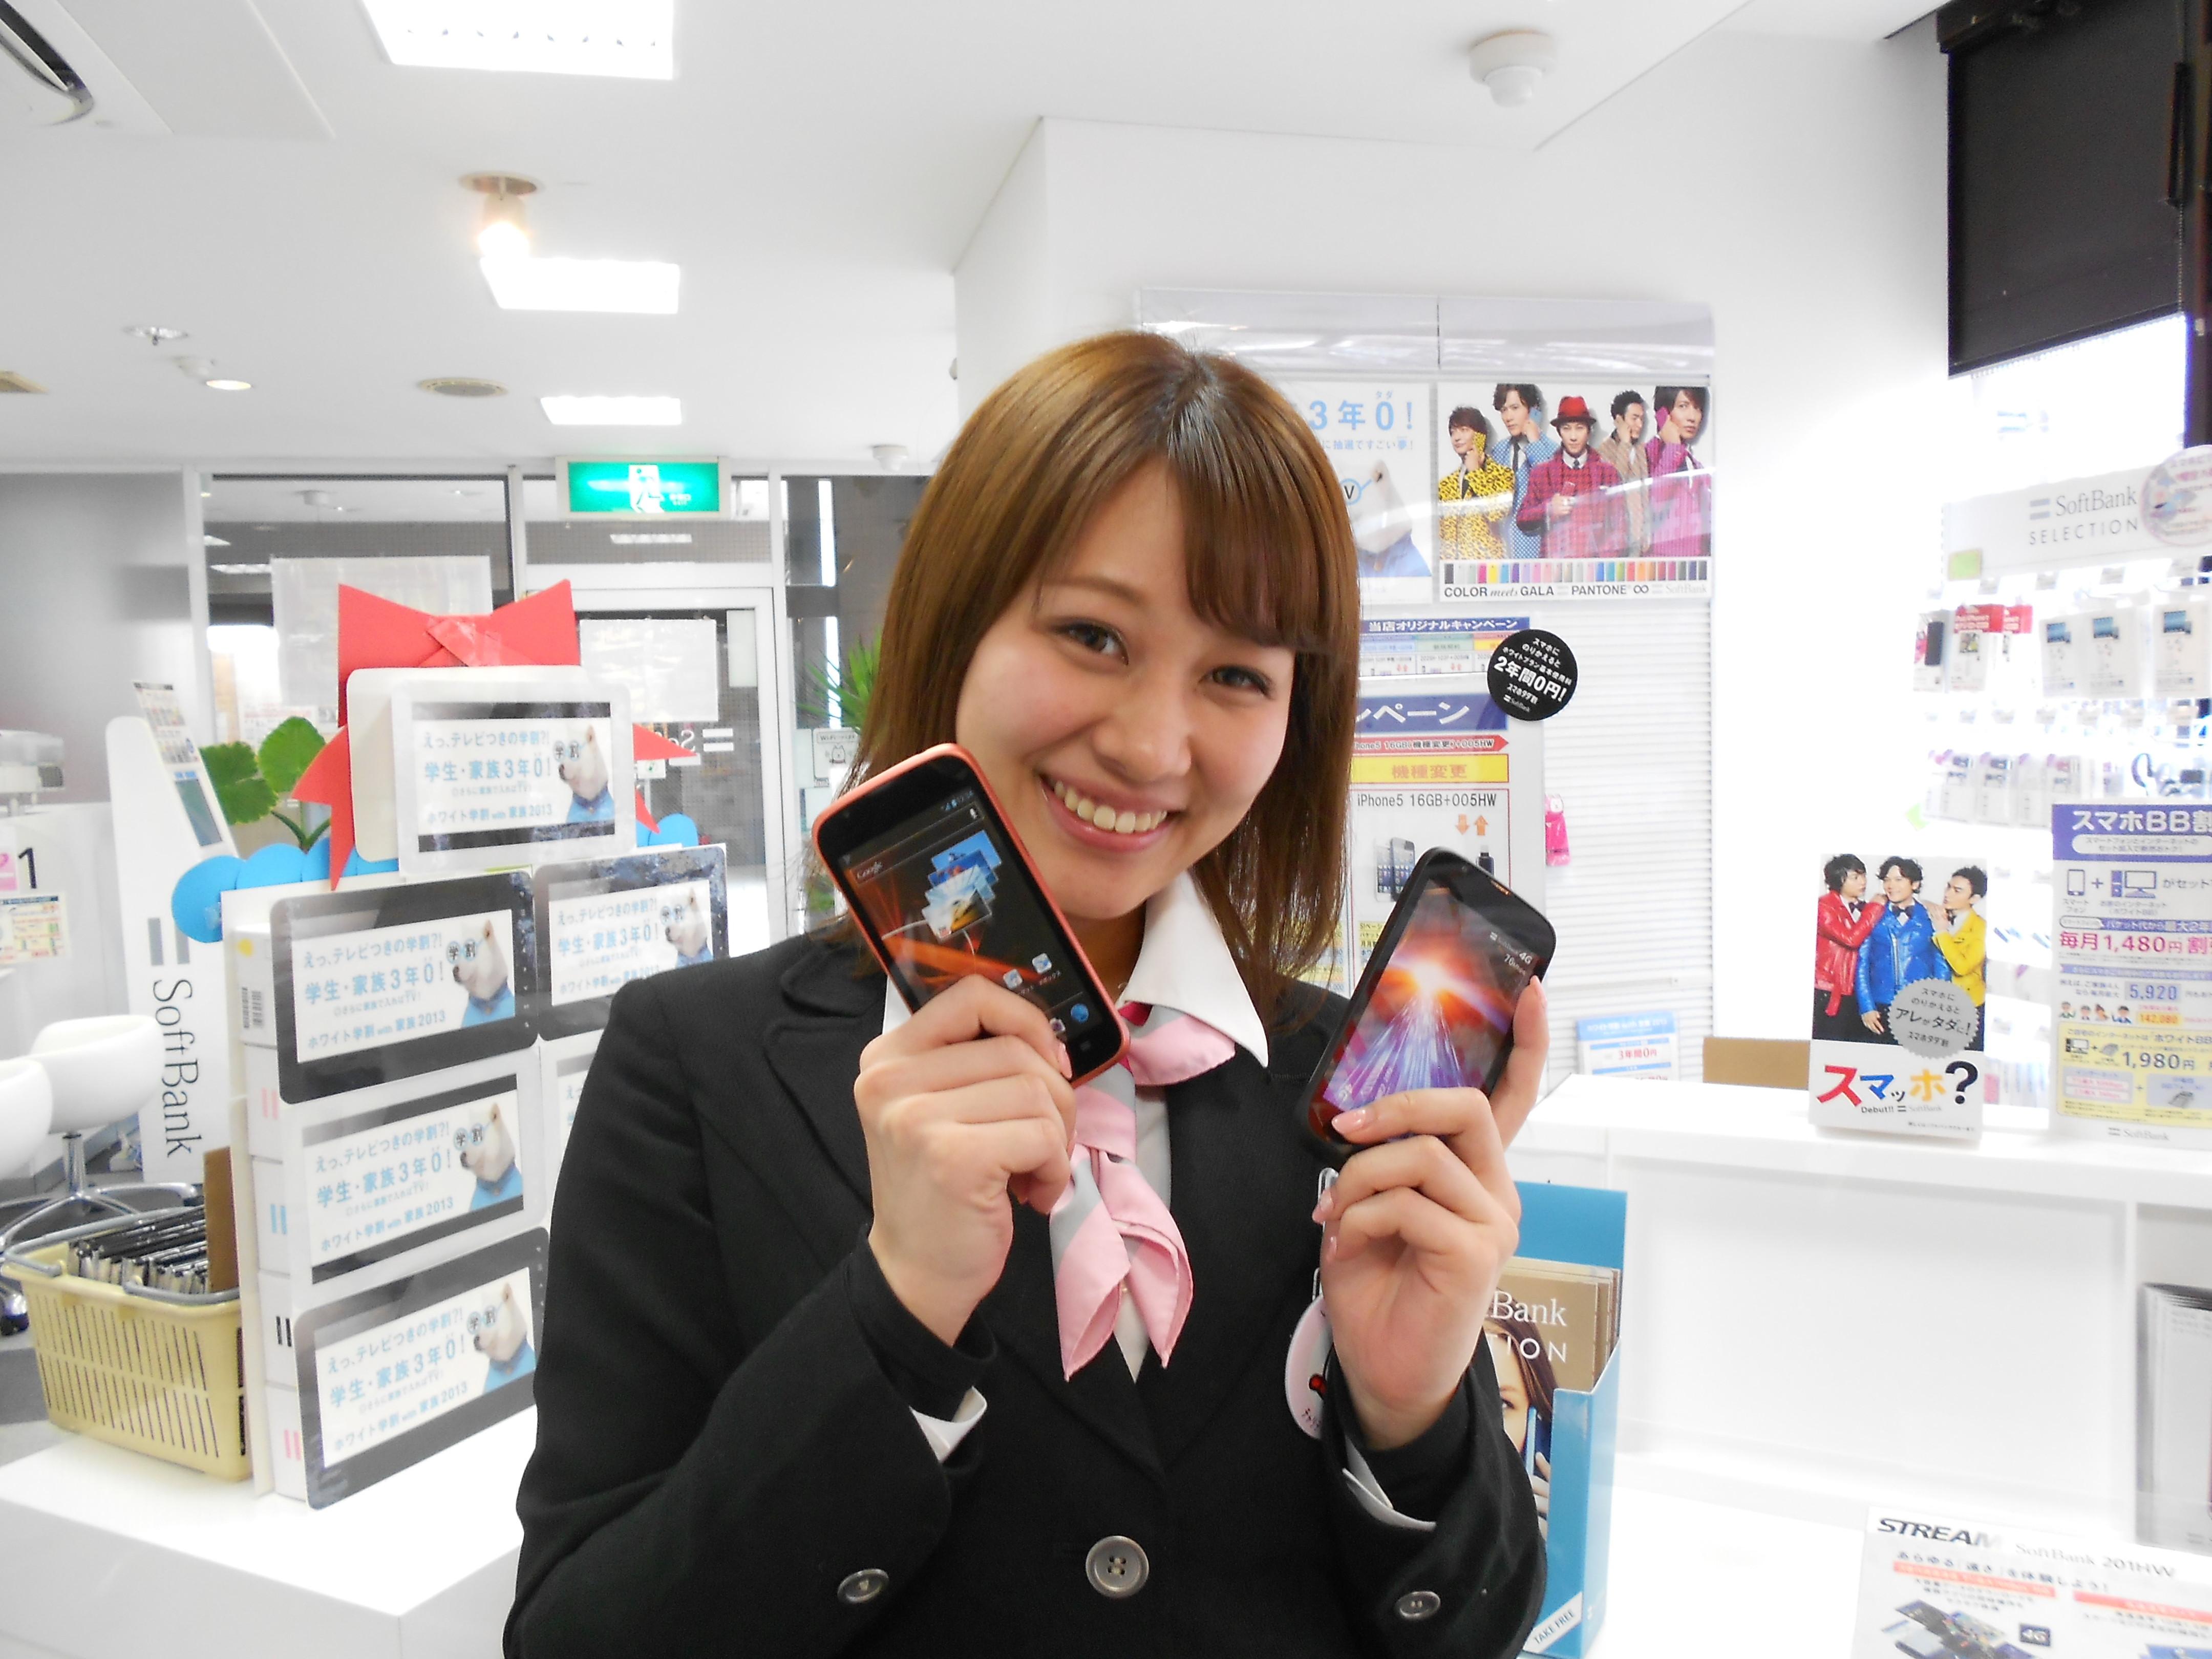 ワイモバイル イオンモール羽生(株式会社シエロ)のアルバイト情報